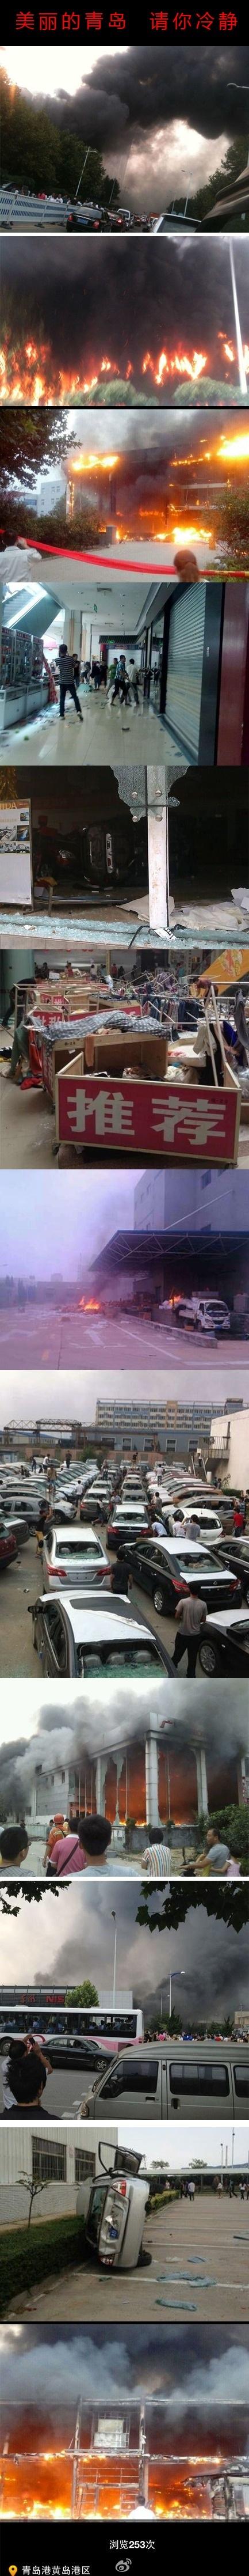 14日夜の反日デモによって破壊された青島の日系商店・工場